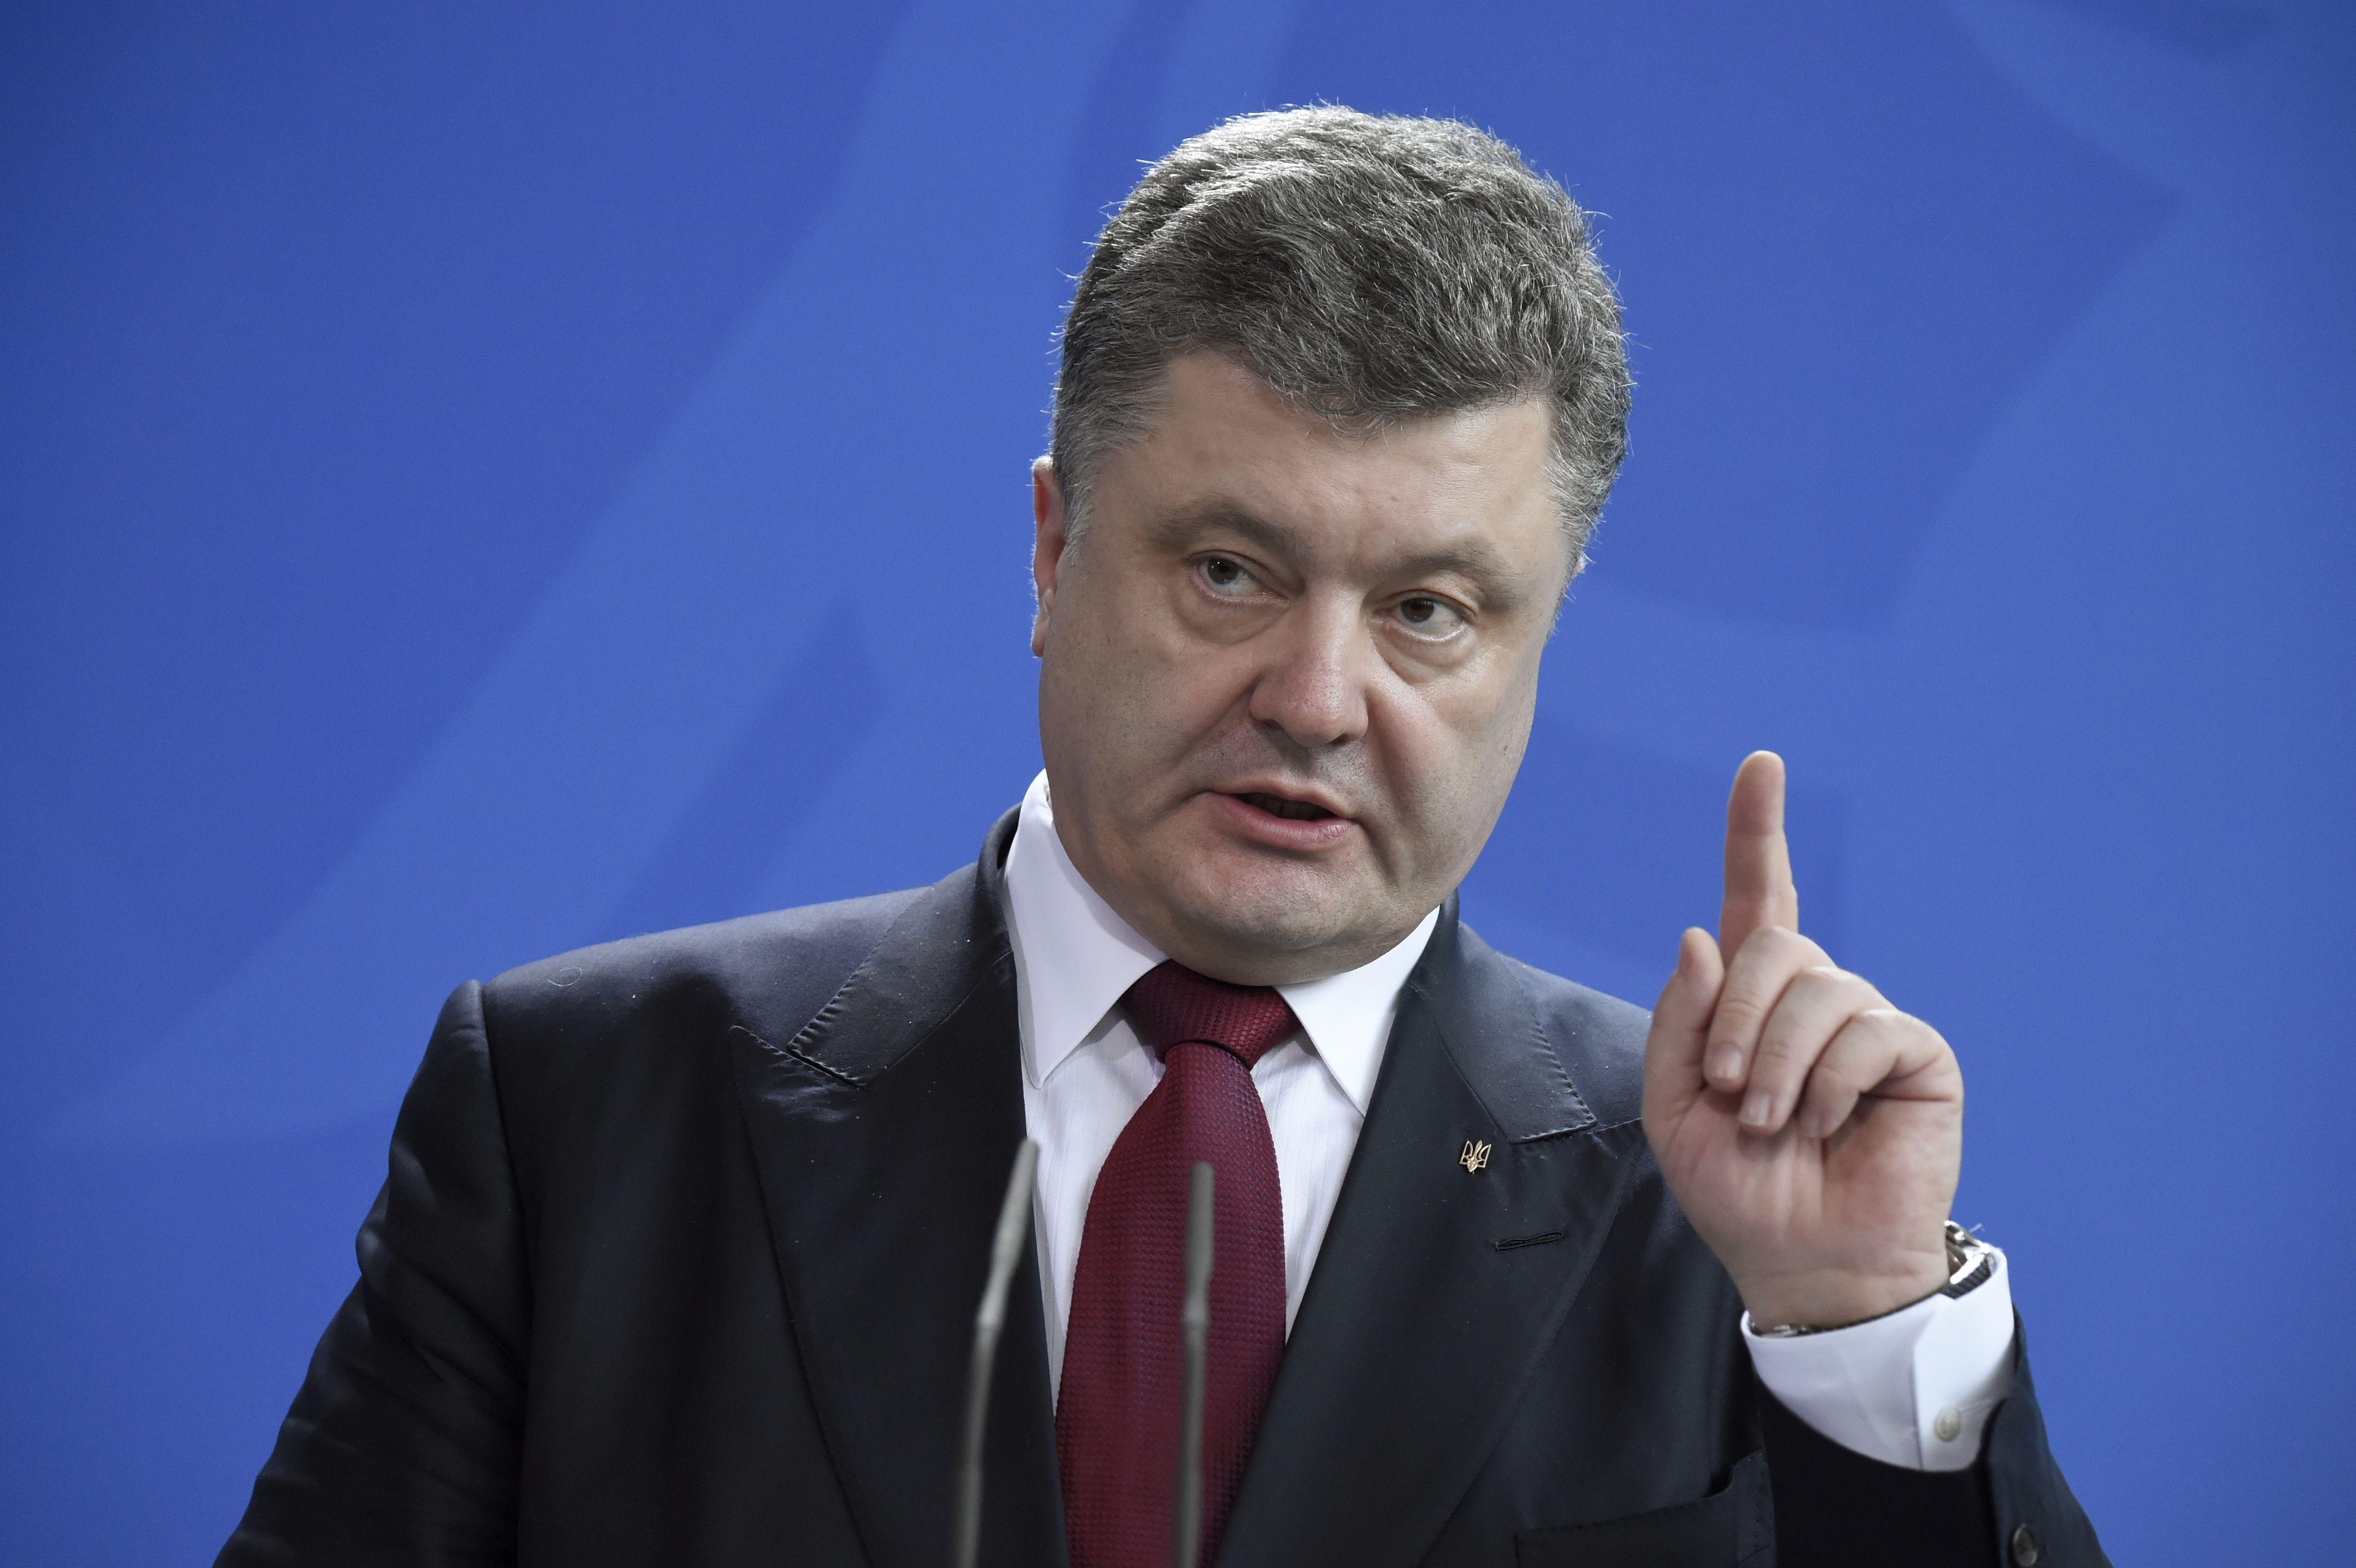 Image for Введение на восток Украины миротворческих сил ООН было бы правильным решением